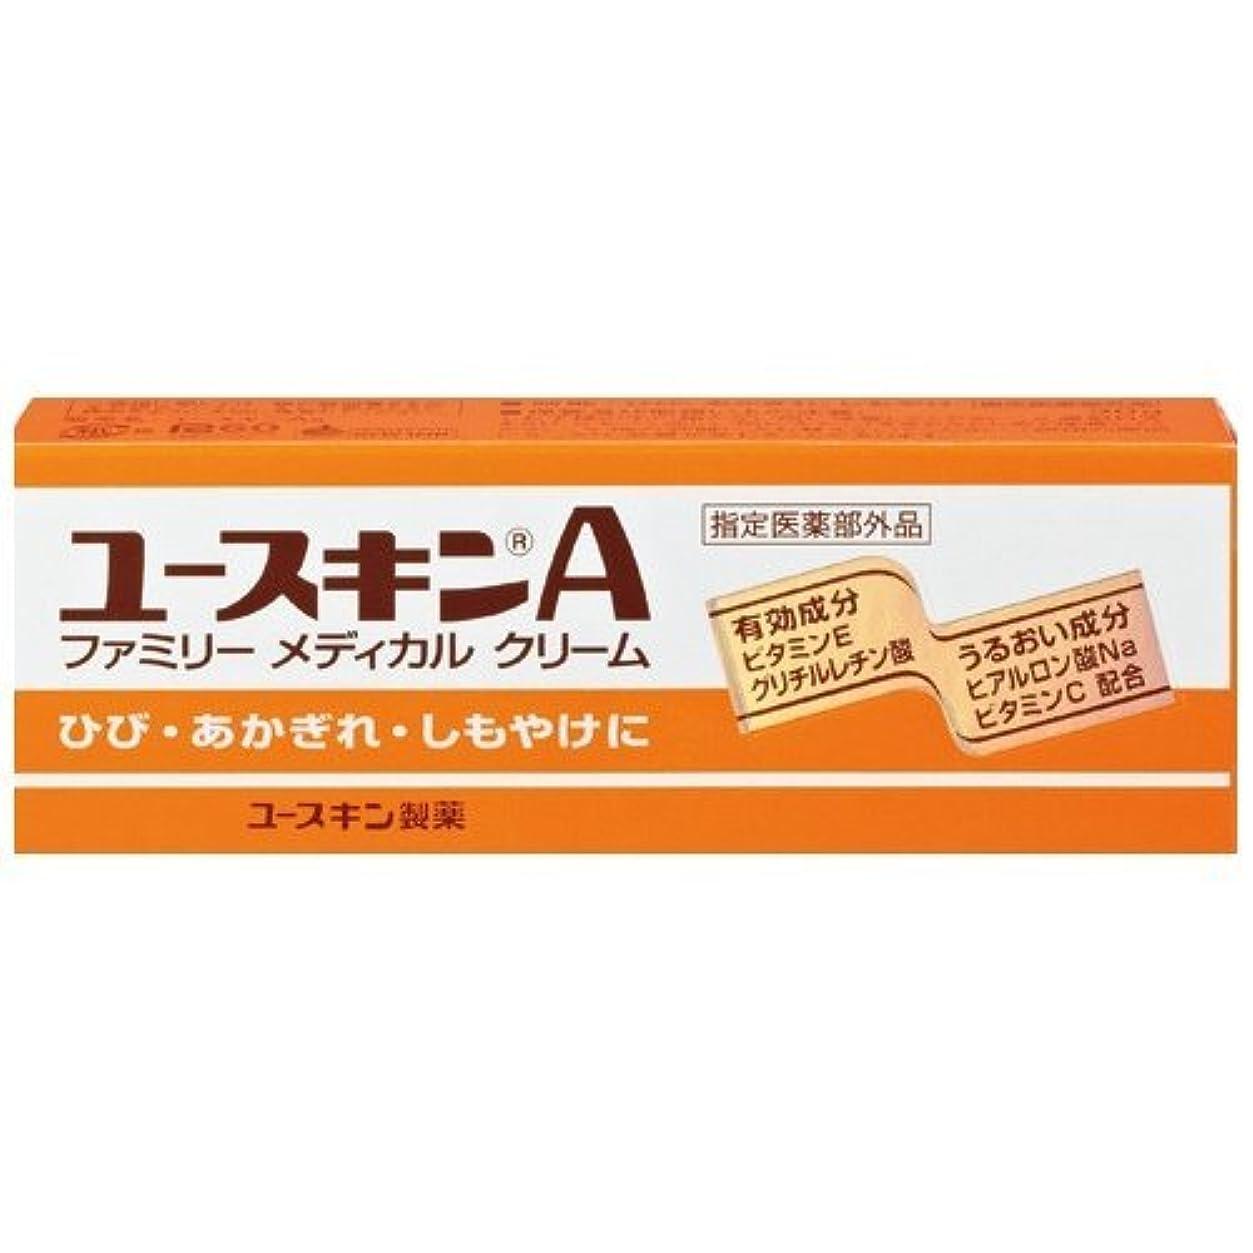 代わりの馬鹿グレートオークユースキンA 30g (手荒れ かかと荒れ 保湿クリーム)【指定医薬部外品】